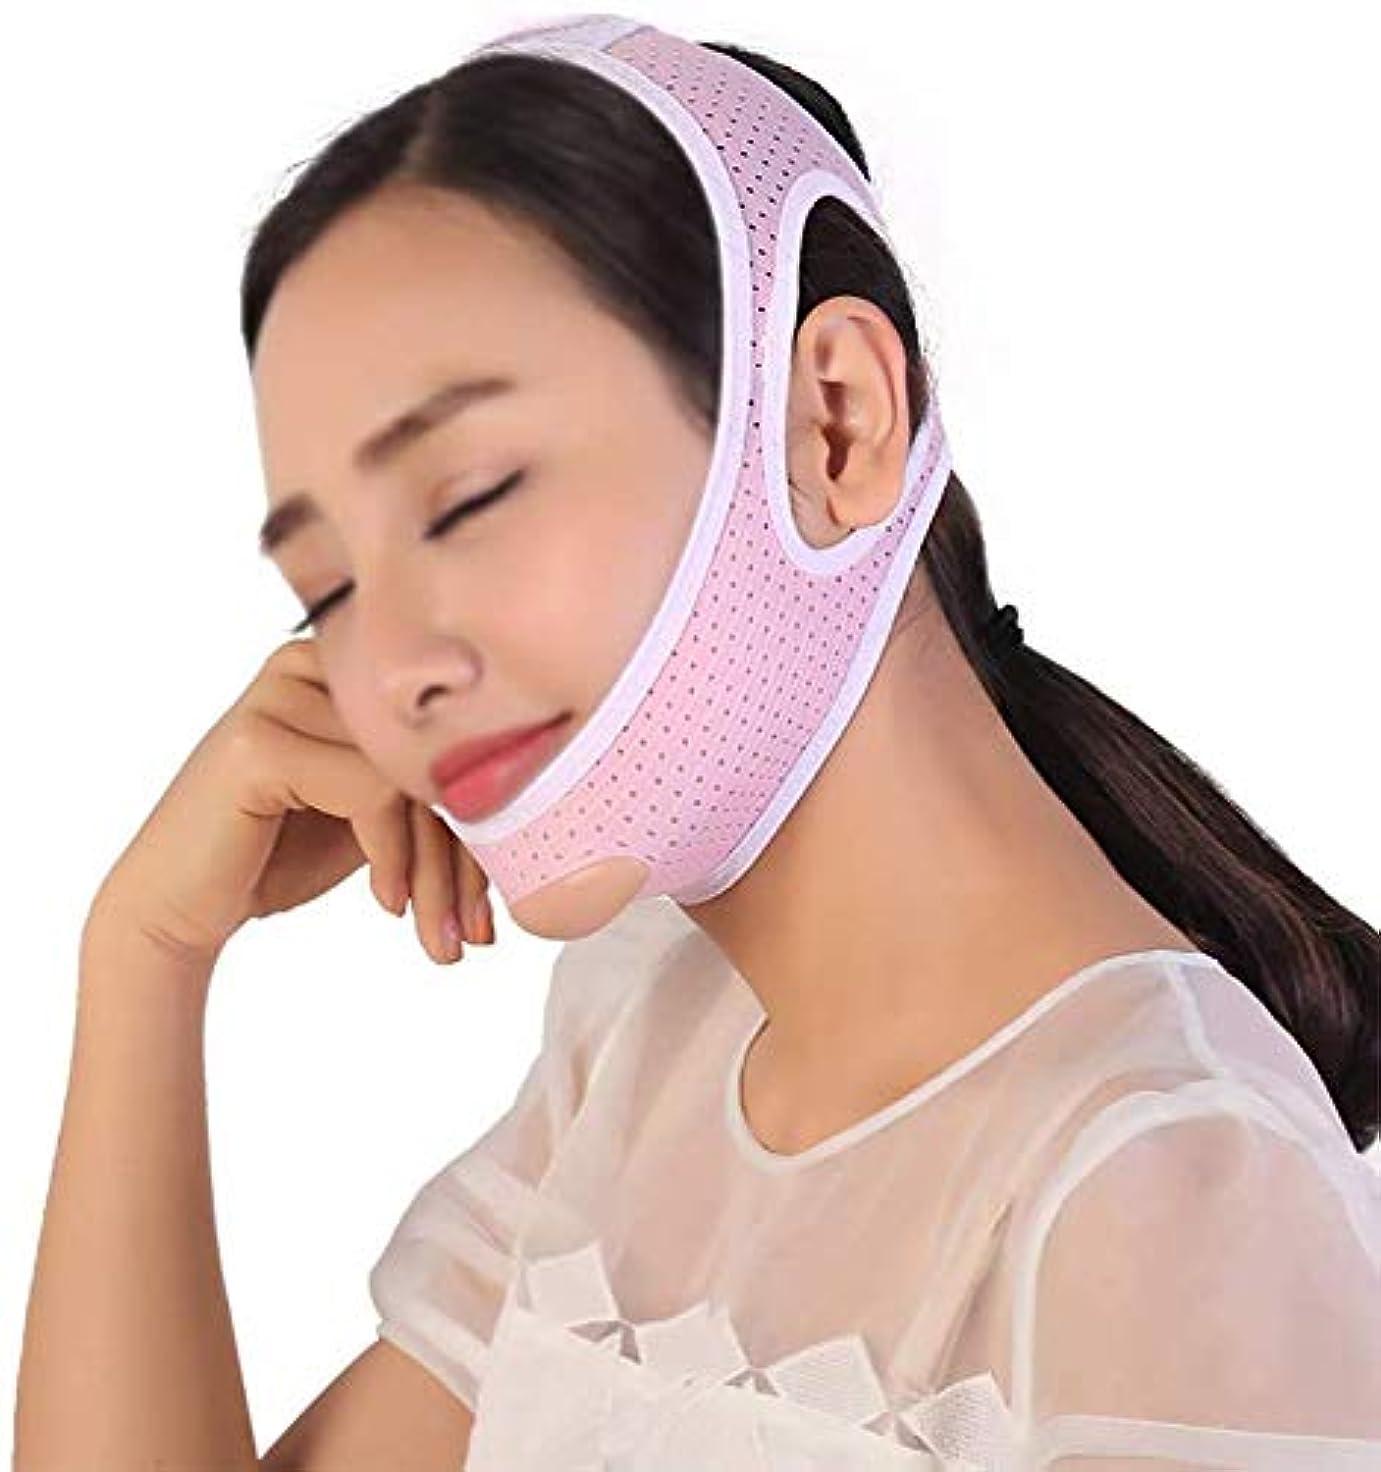 熟した悲しいことに行う美容と実用的なフェイスリフトフェイシャル、Vフェイスマスクで肌のリラクゼーションを防止Vフェイスアーティファクトフェイスリフトバンデージフェイスケア(サイズ:L)